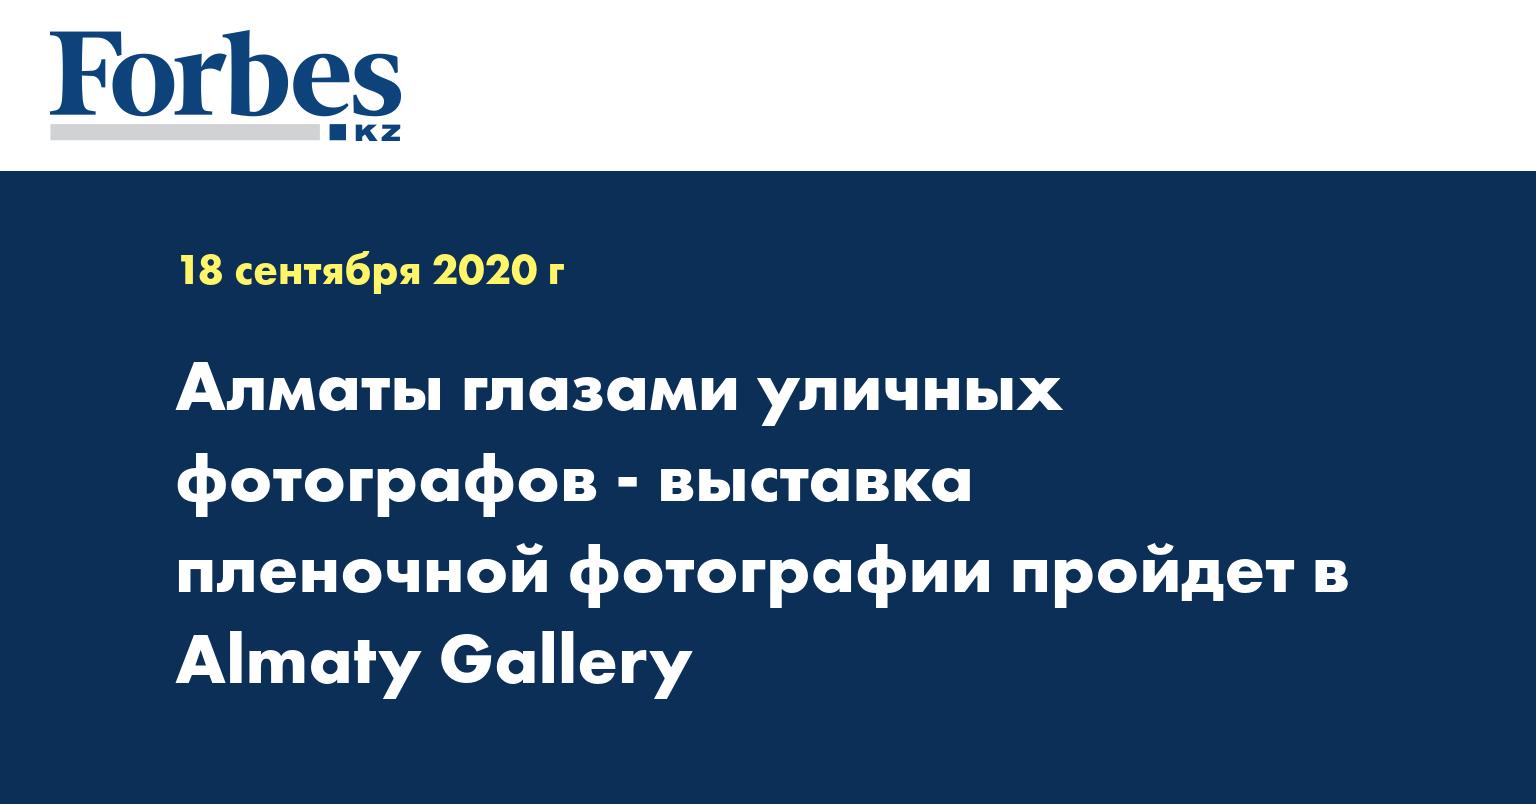 Алматы глазами уличных фотографов - выставка пленочной фотографии пройдет в Almaty Gallery